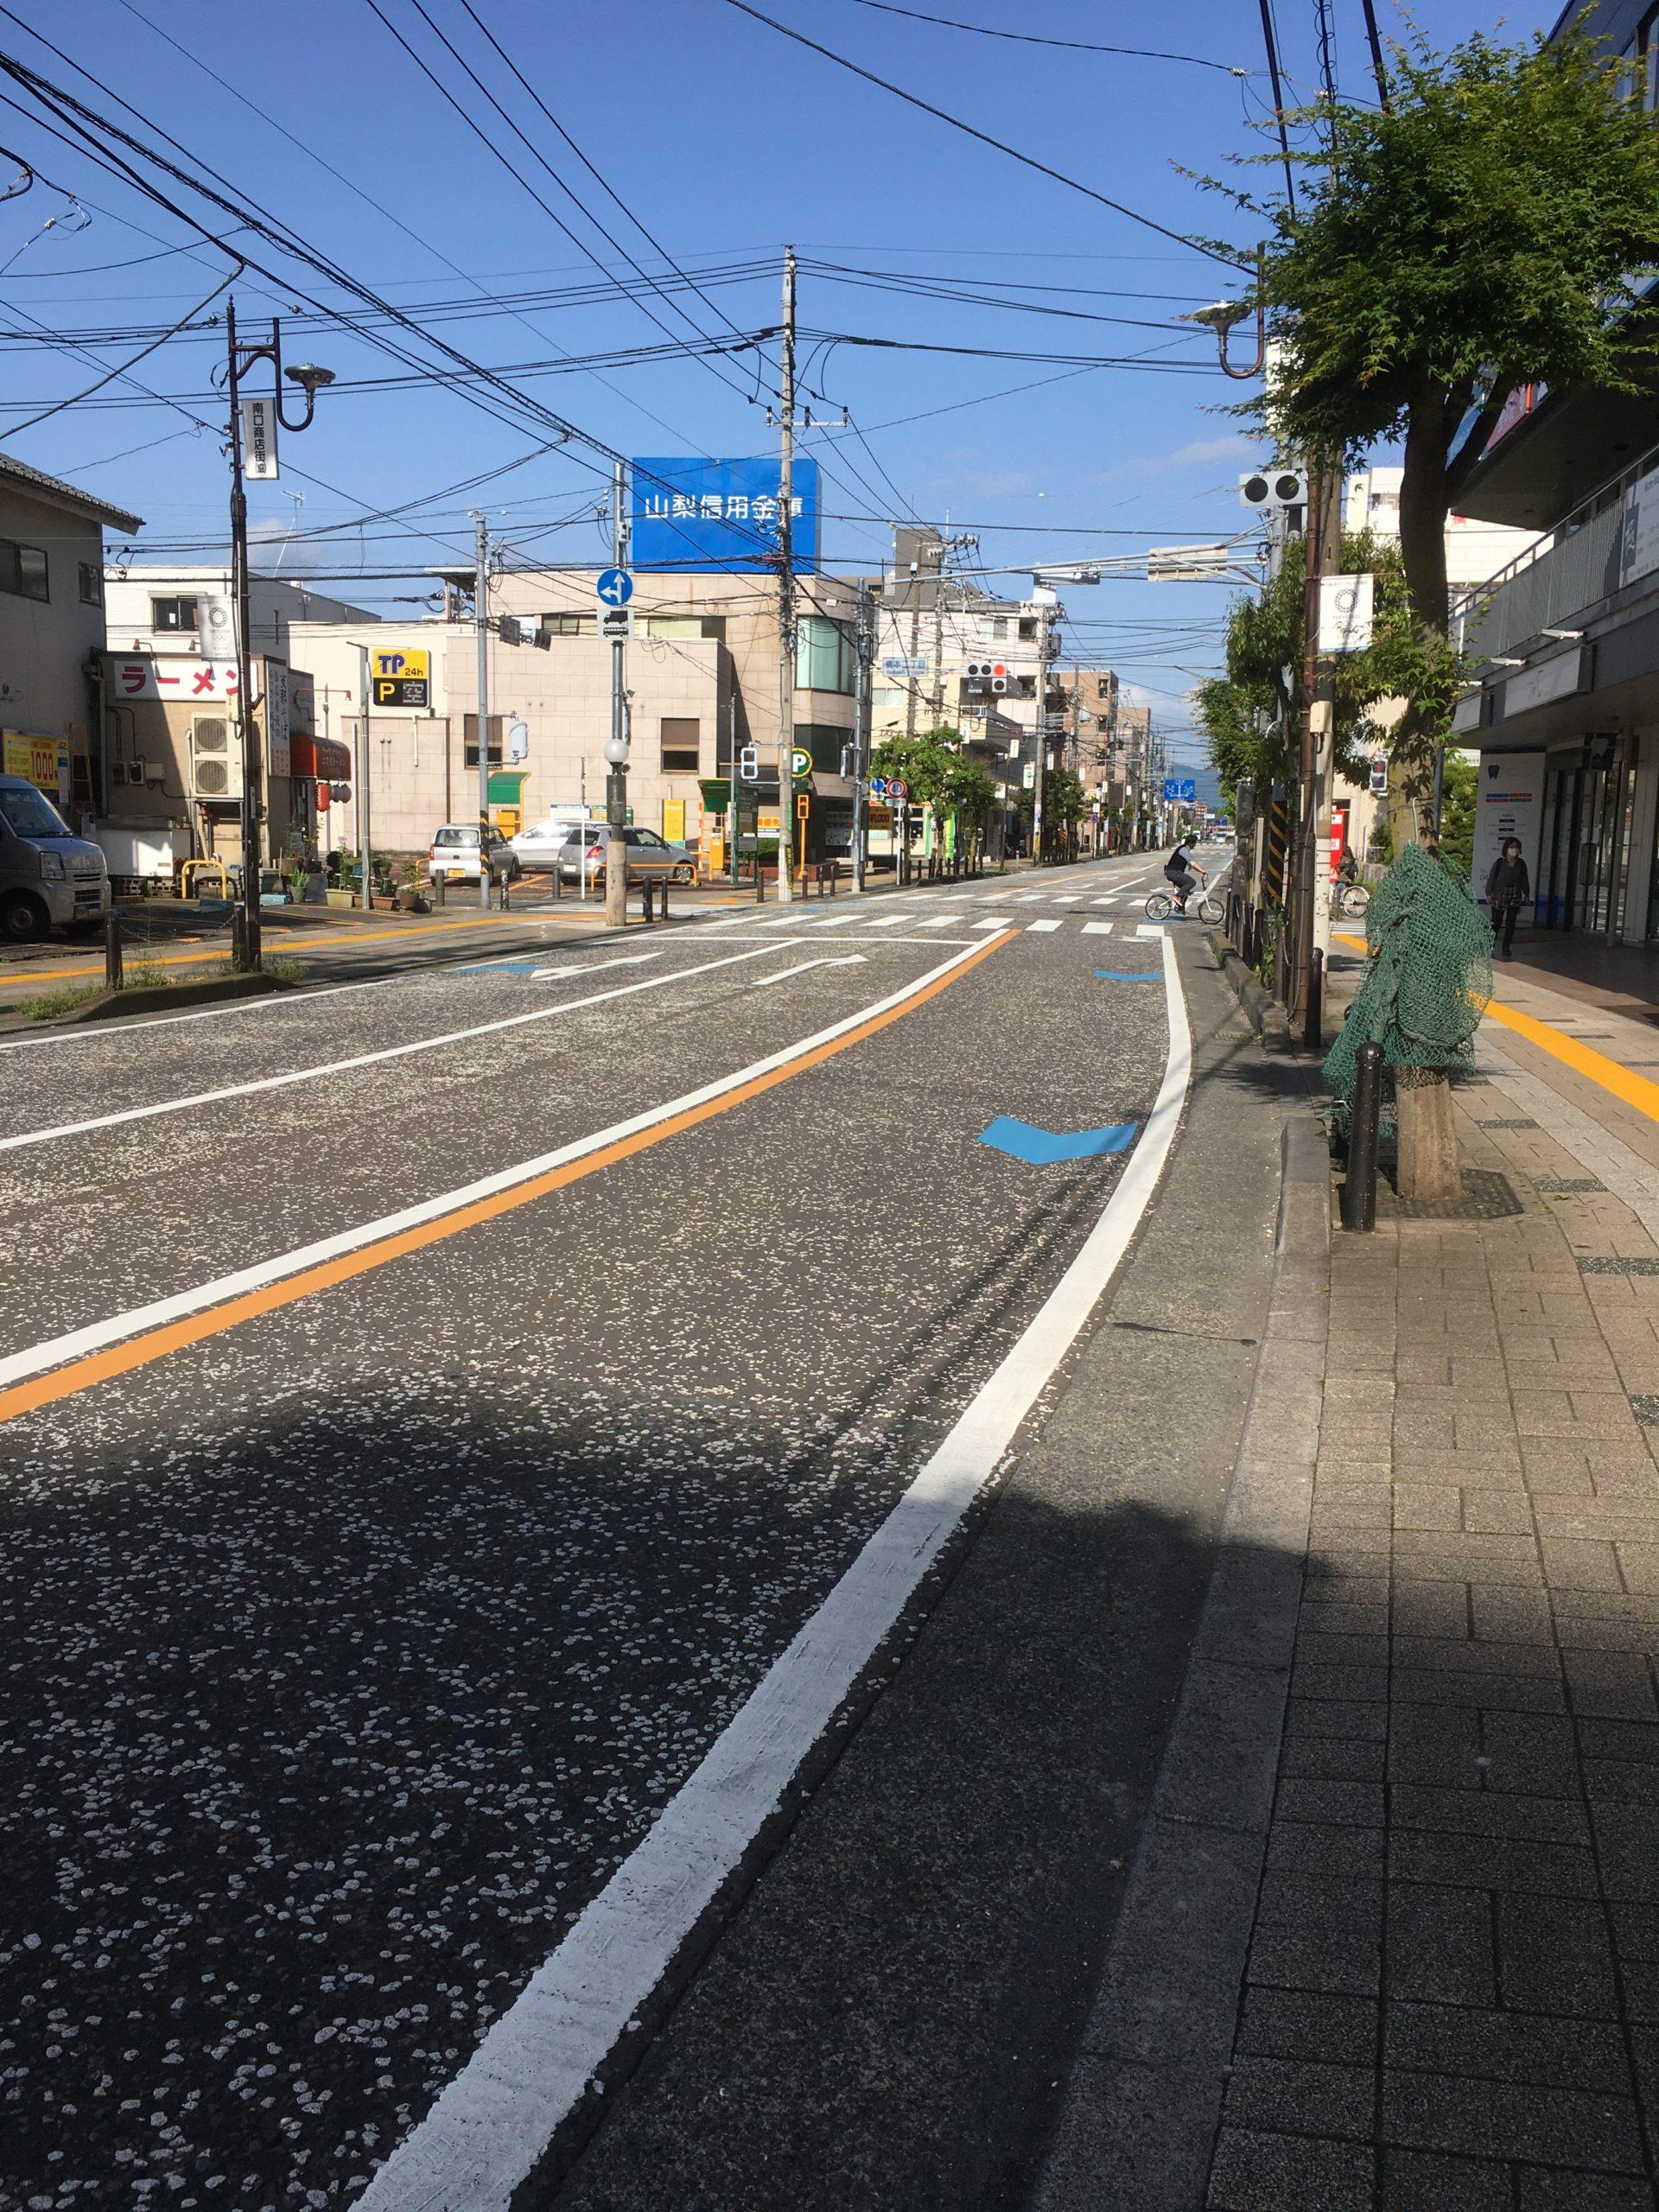 ありし日の橋本駅南口の投稿写真